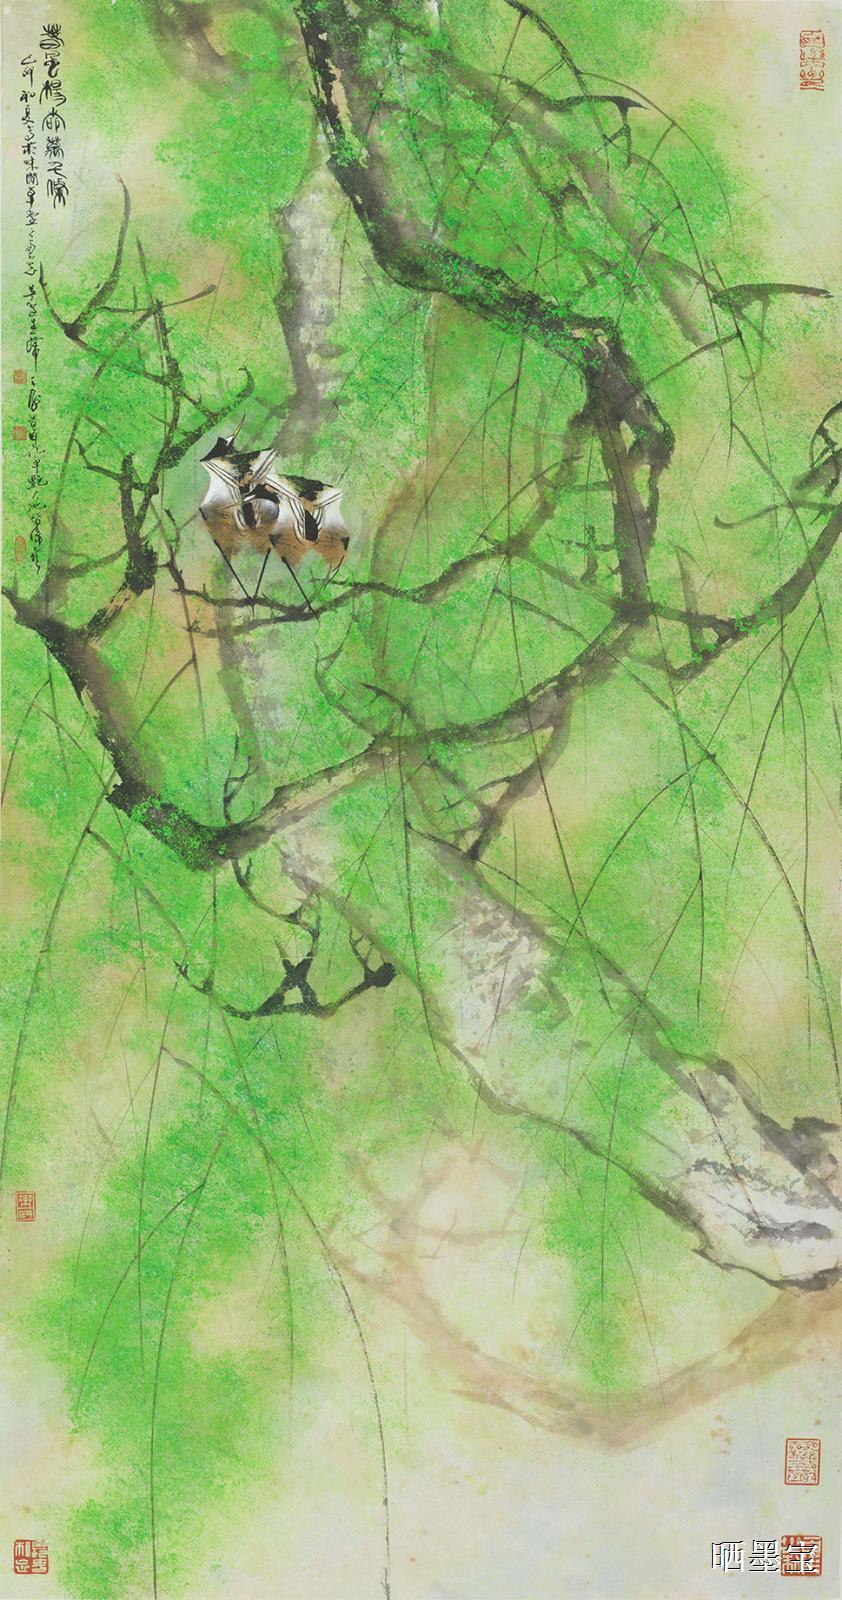 1999年春风杨柳千万条